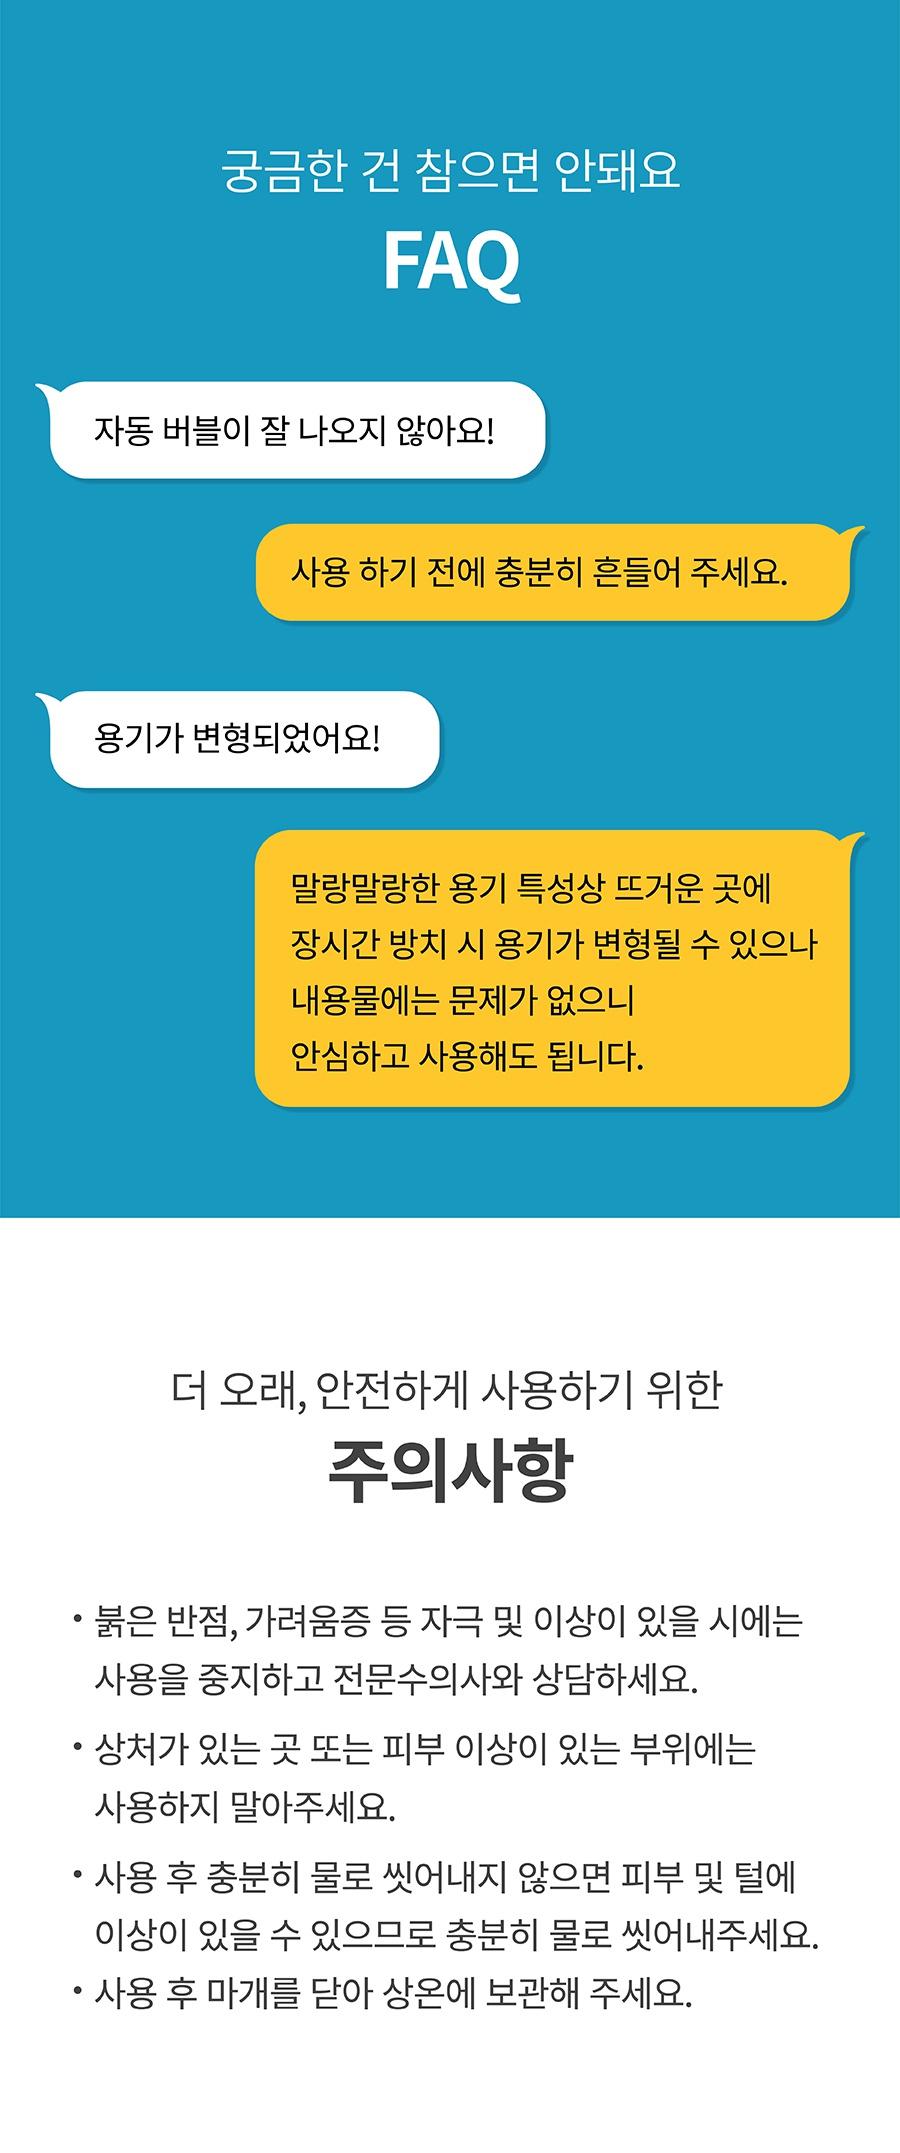 [EVENT] 포우장 보글보글 탄산샴푸-상품이미지-20